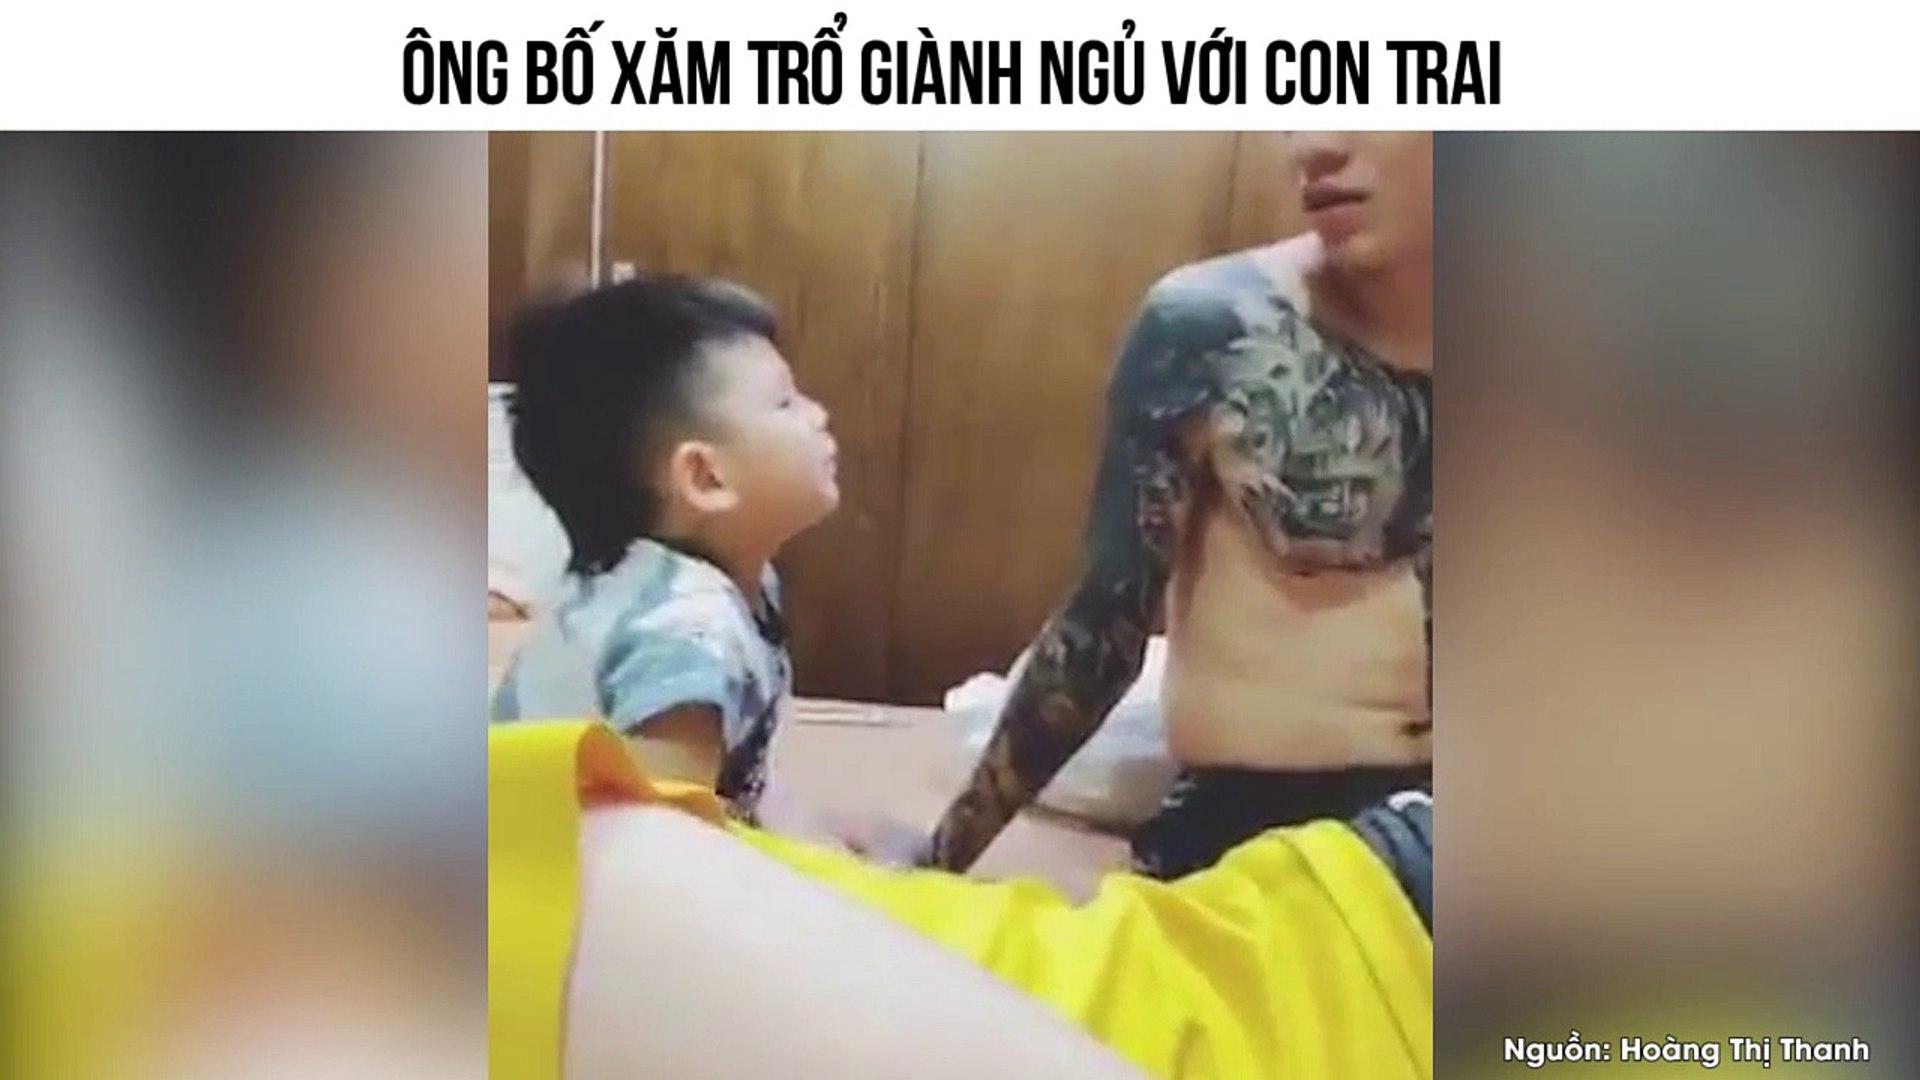 Cười đau bụng trước clip ông bố xăm trổ dùng mọi lý lẽ không chịu nhường mẹ cho con trai ngủ cùng